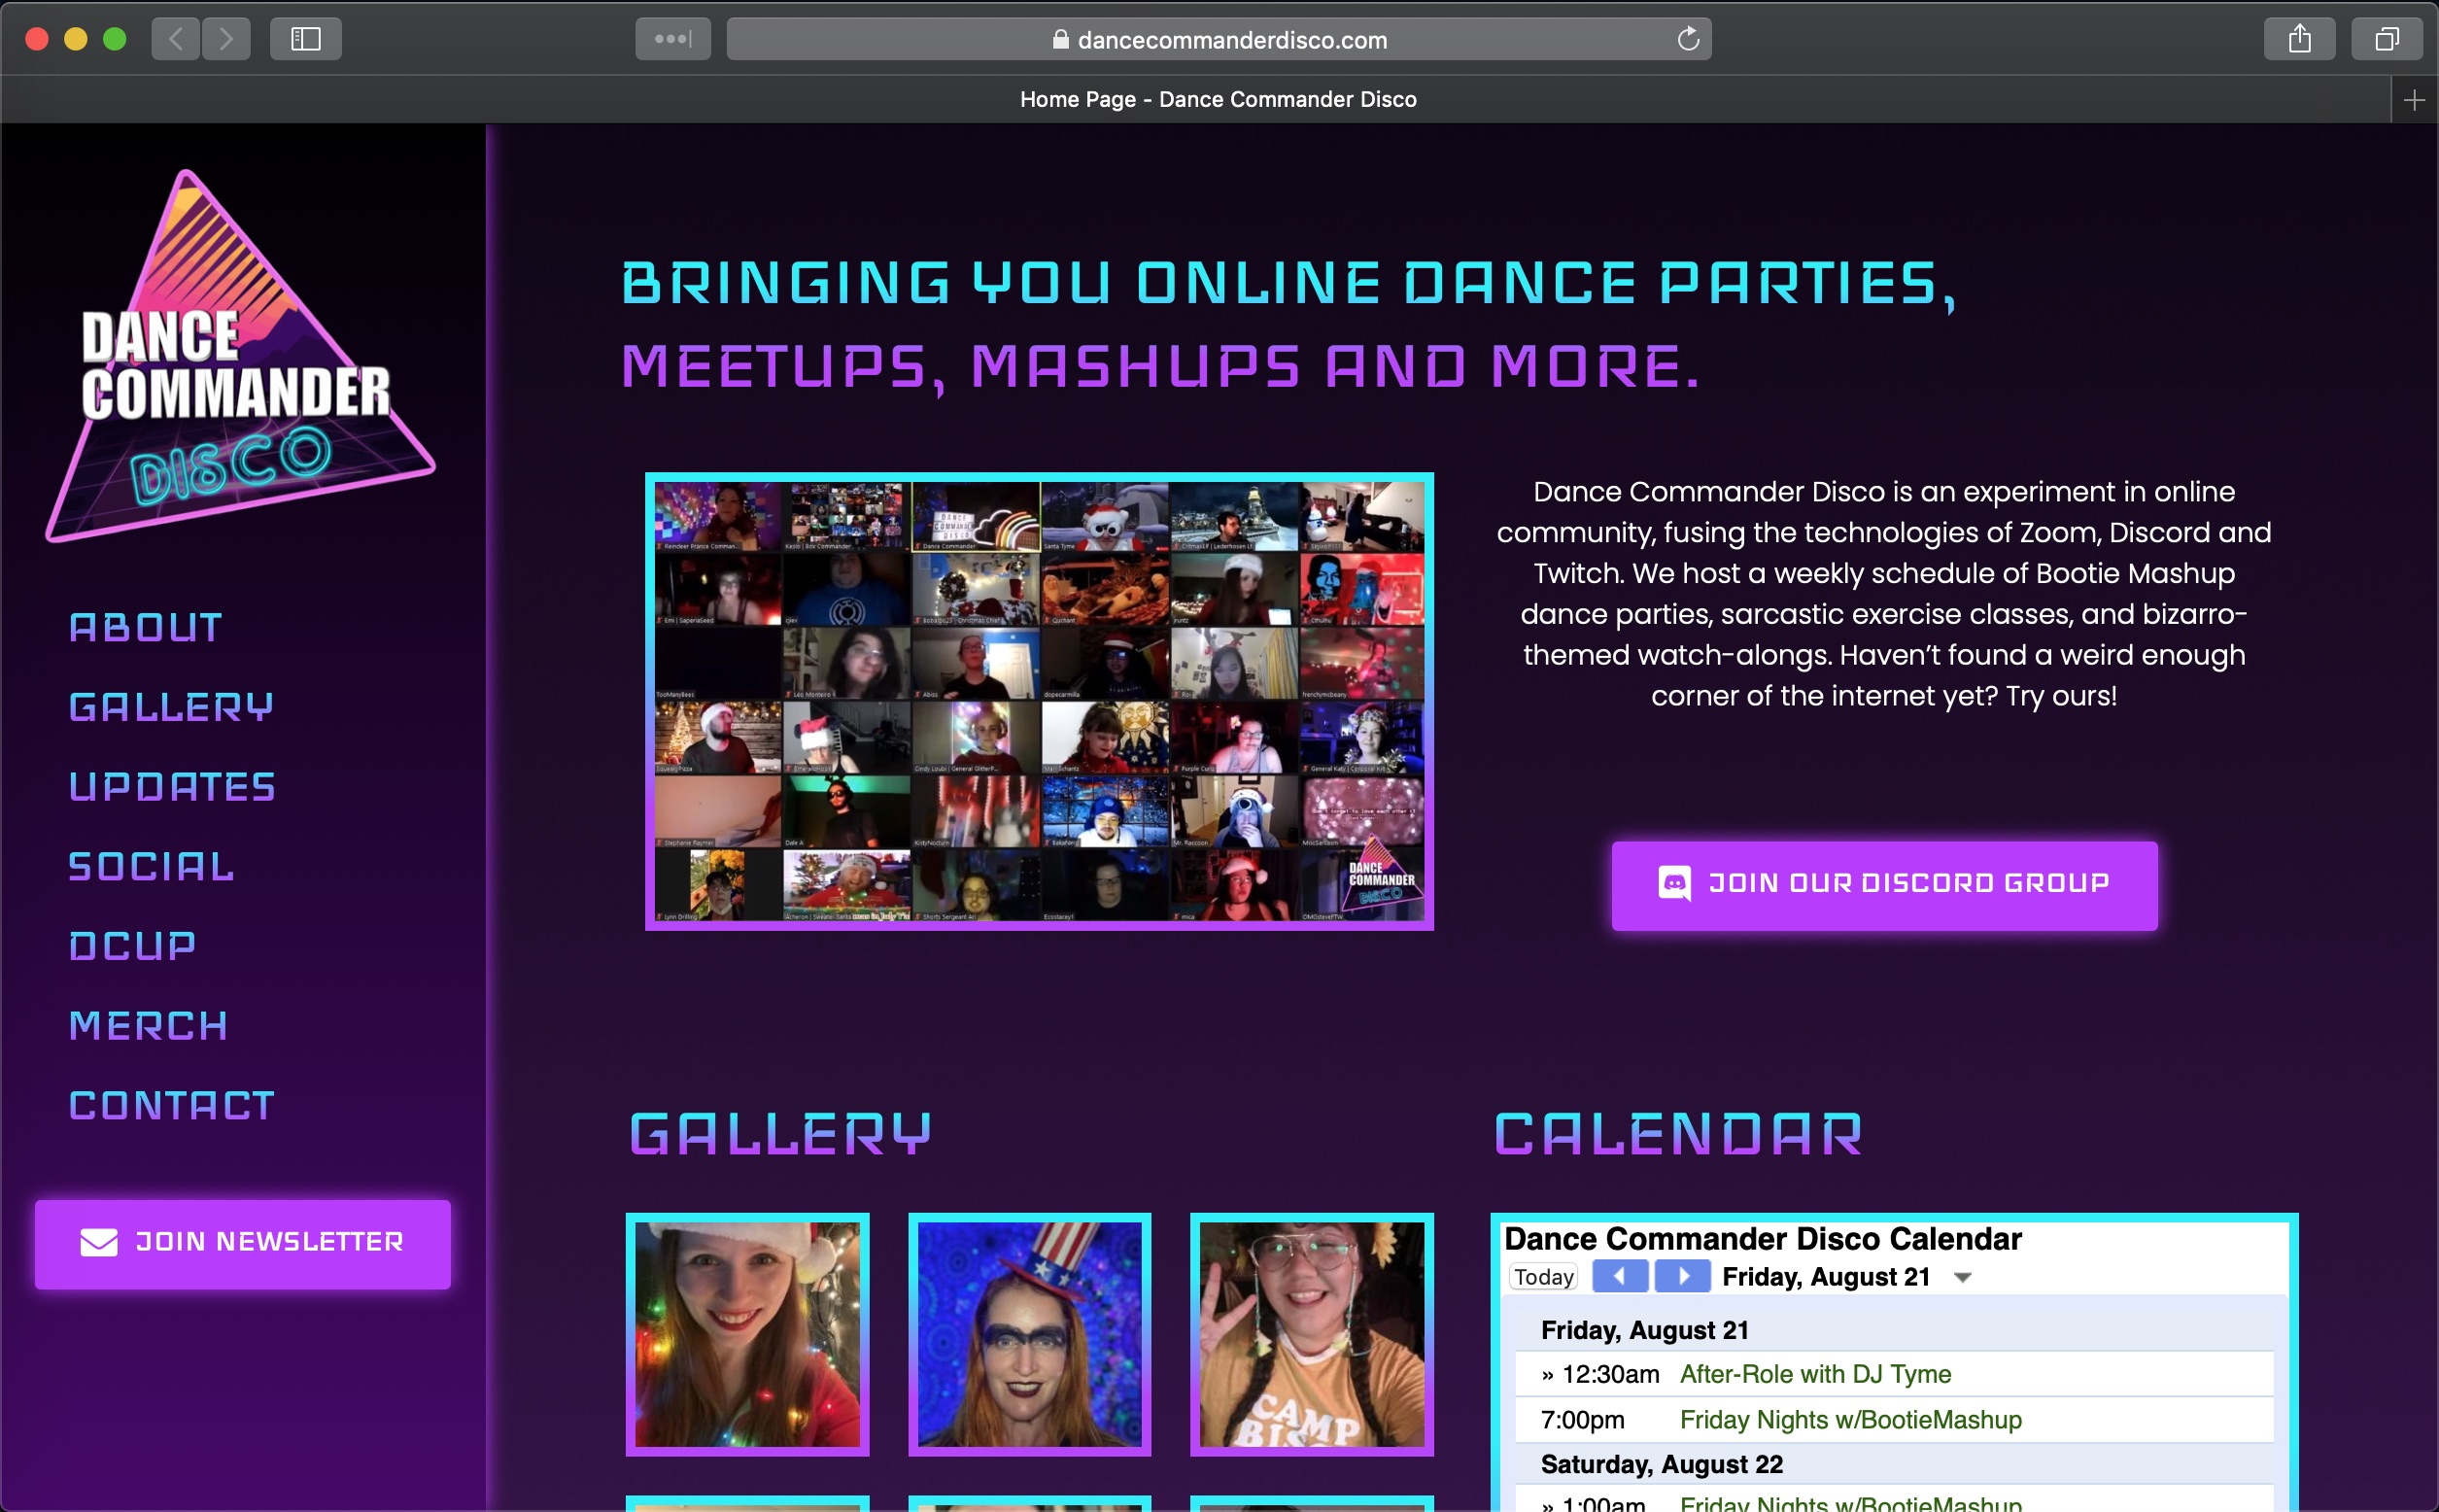 Dance Commander Disco